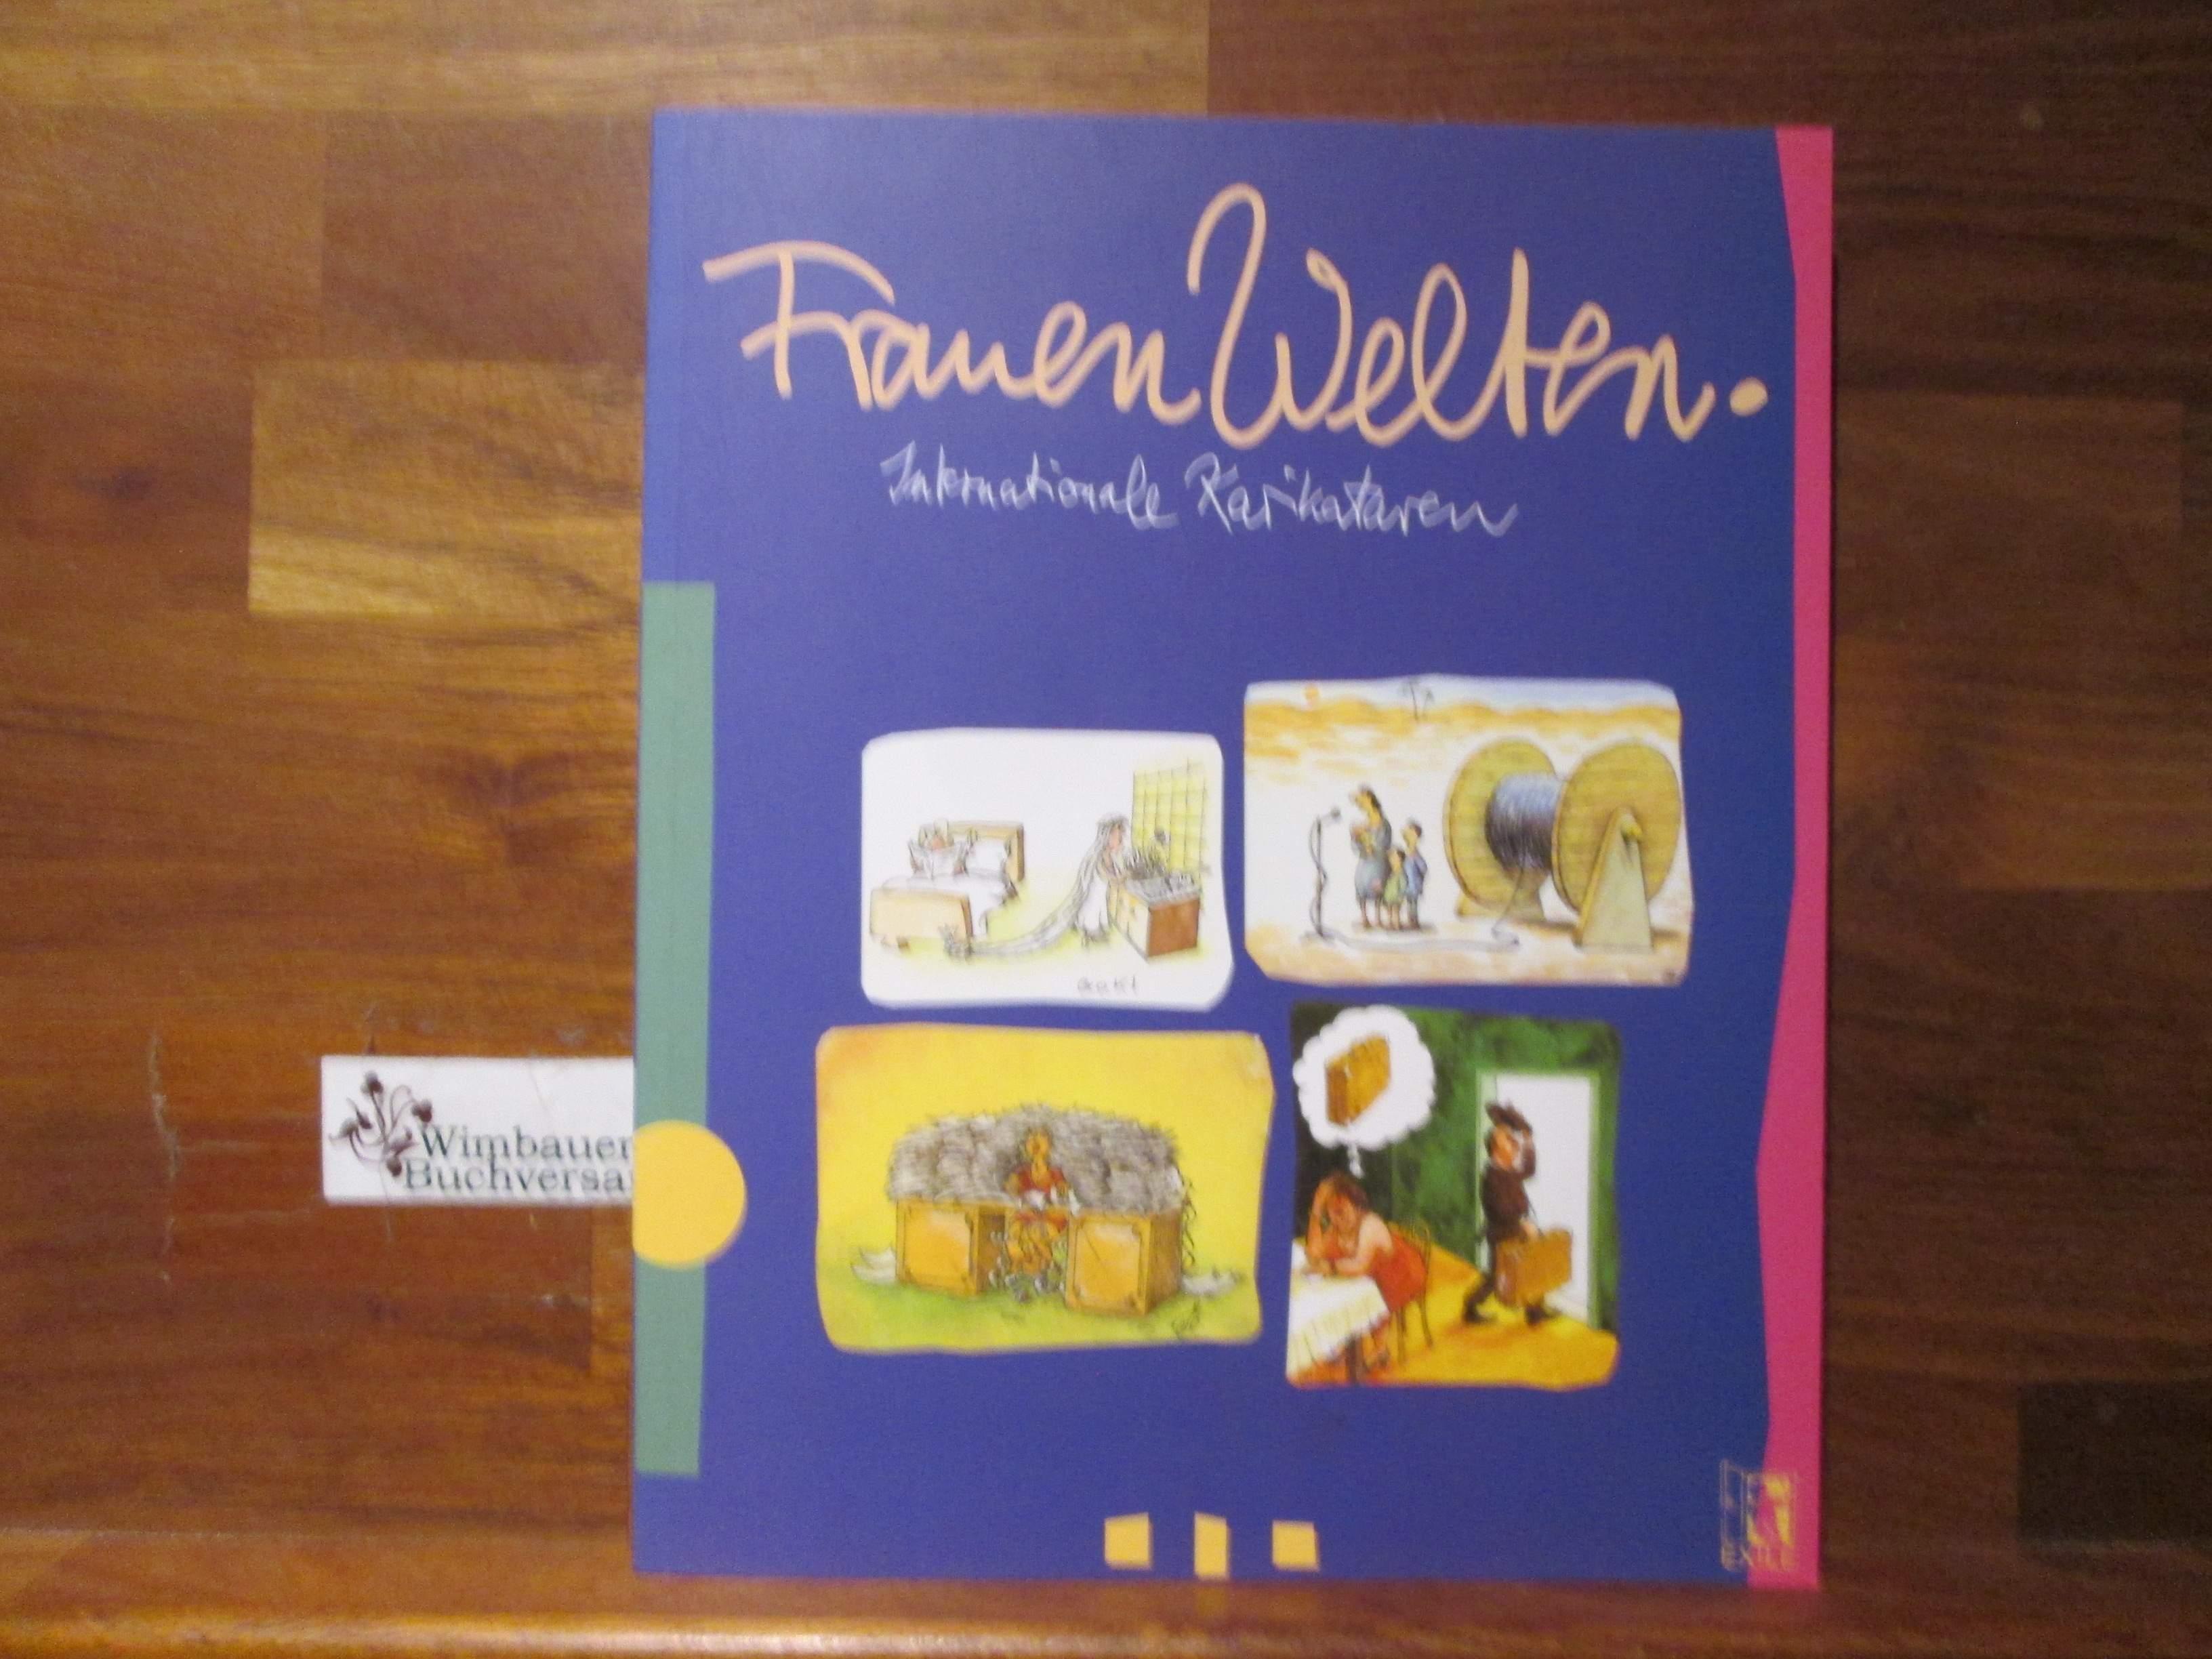 FrauenWelten : internationale Karikaturen. Exile. Hrsg.: Tina Jerman. Mit einem Vorw. von Gerburg Jahnke ...